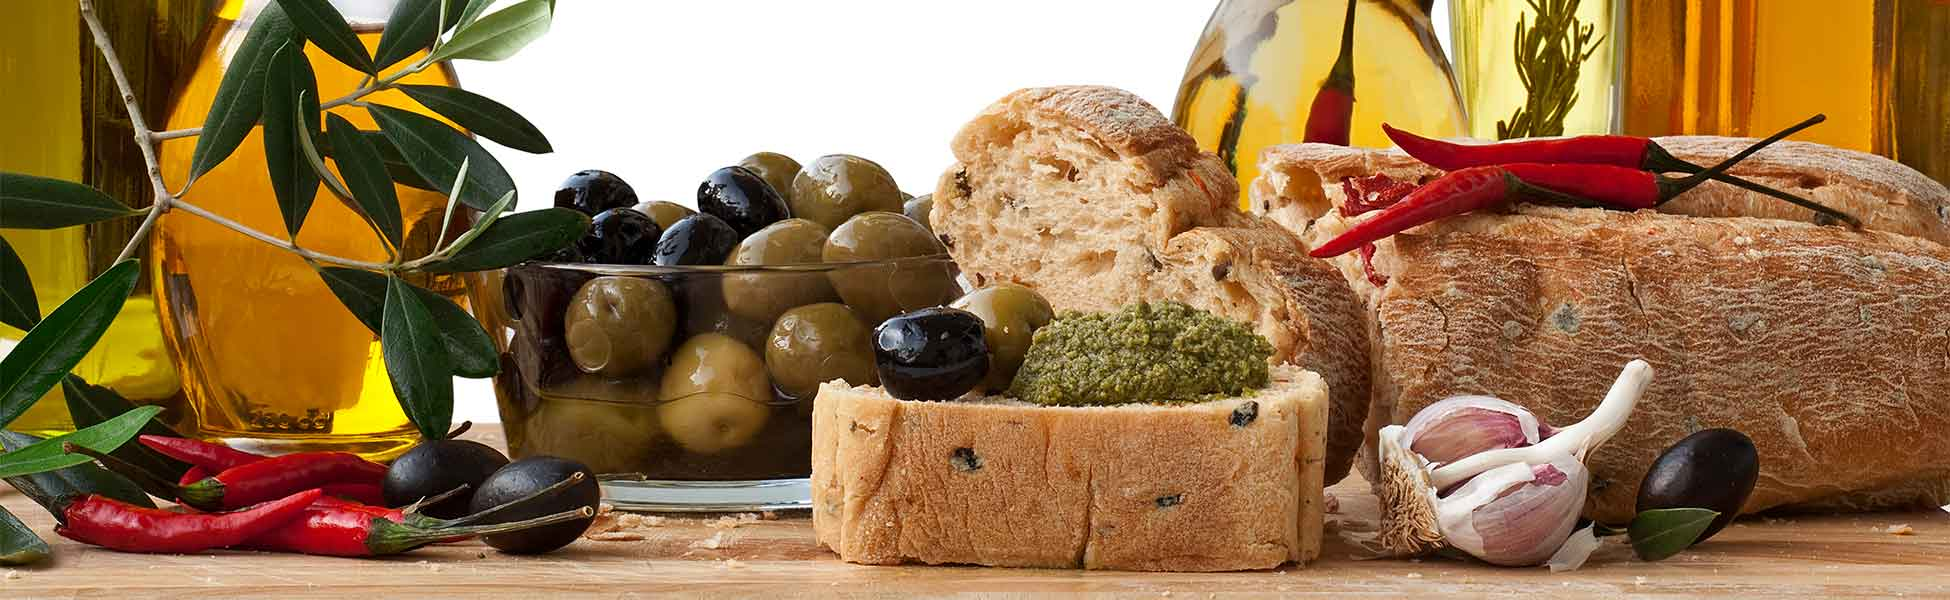 importancia-aceituna-dieta-mediterranea-1